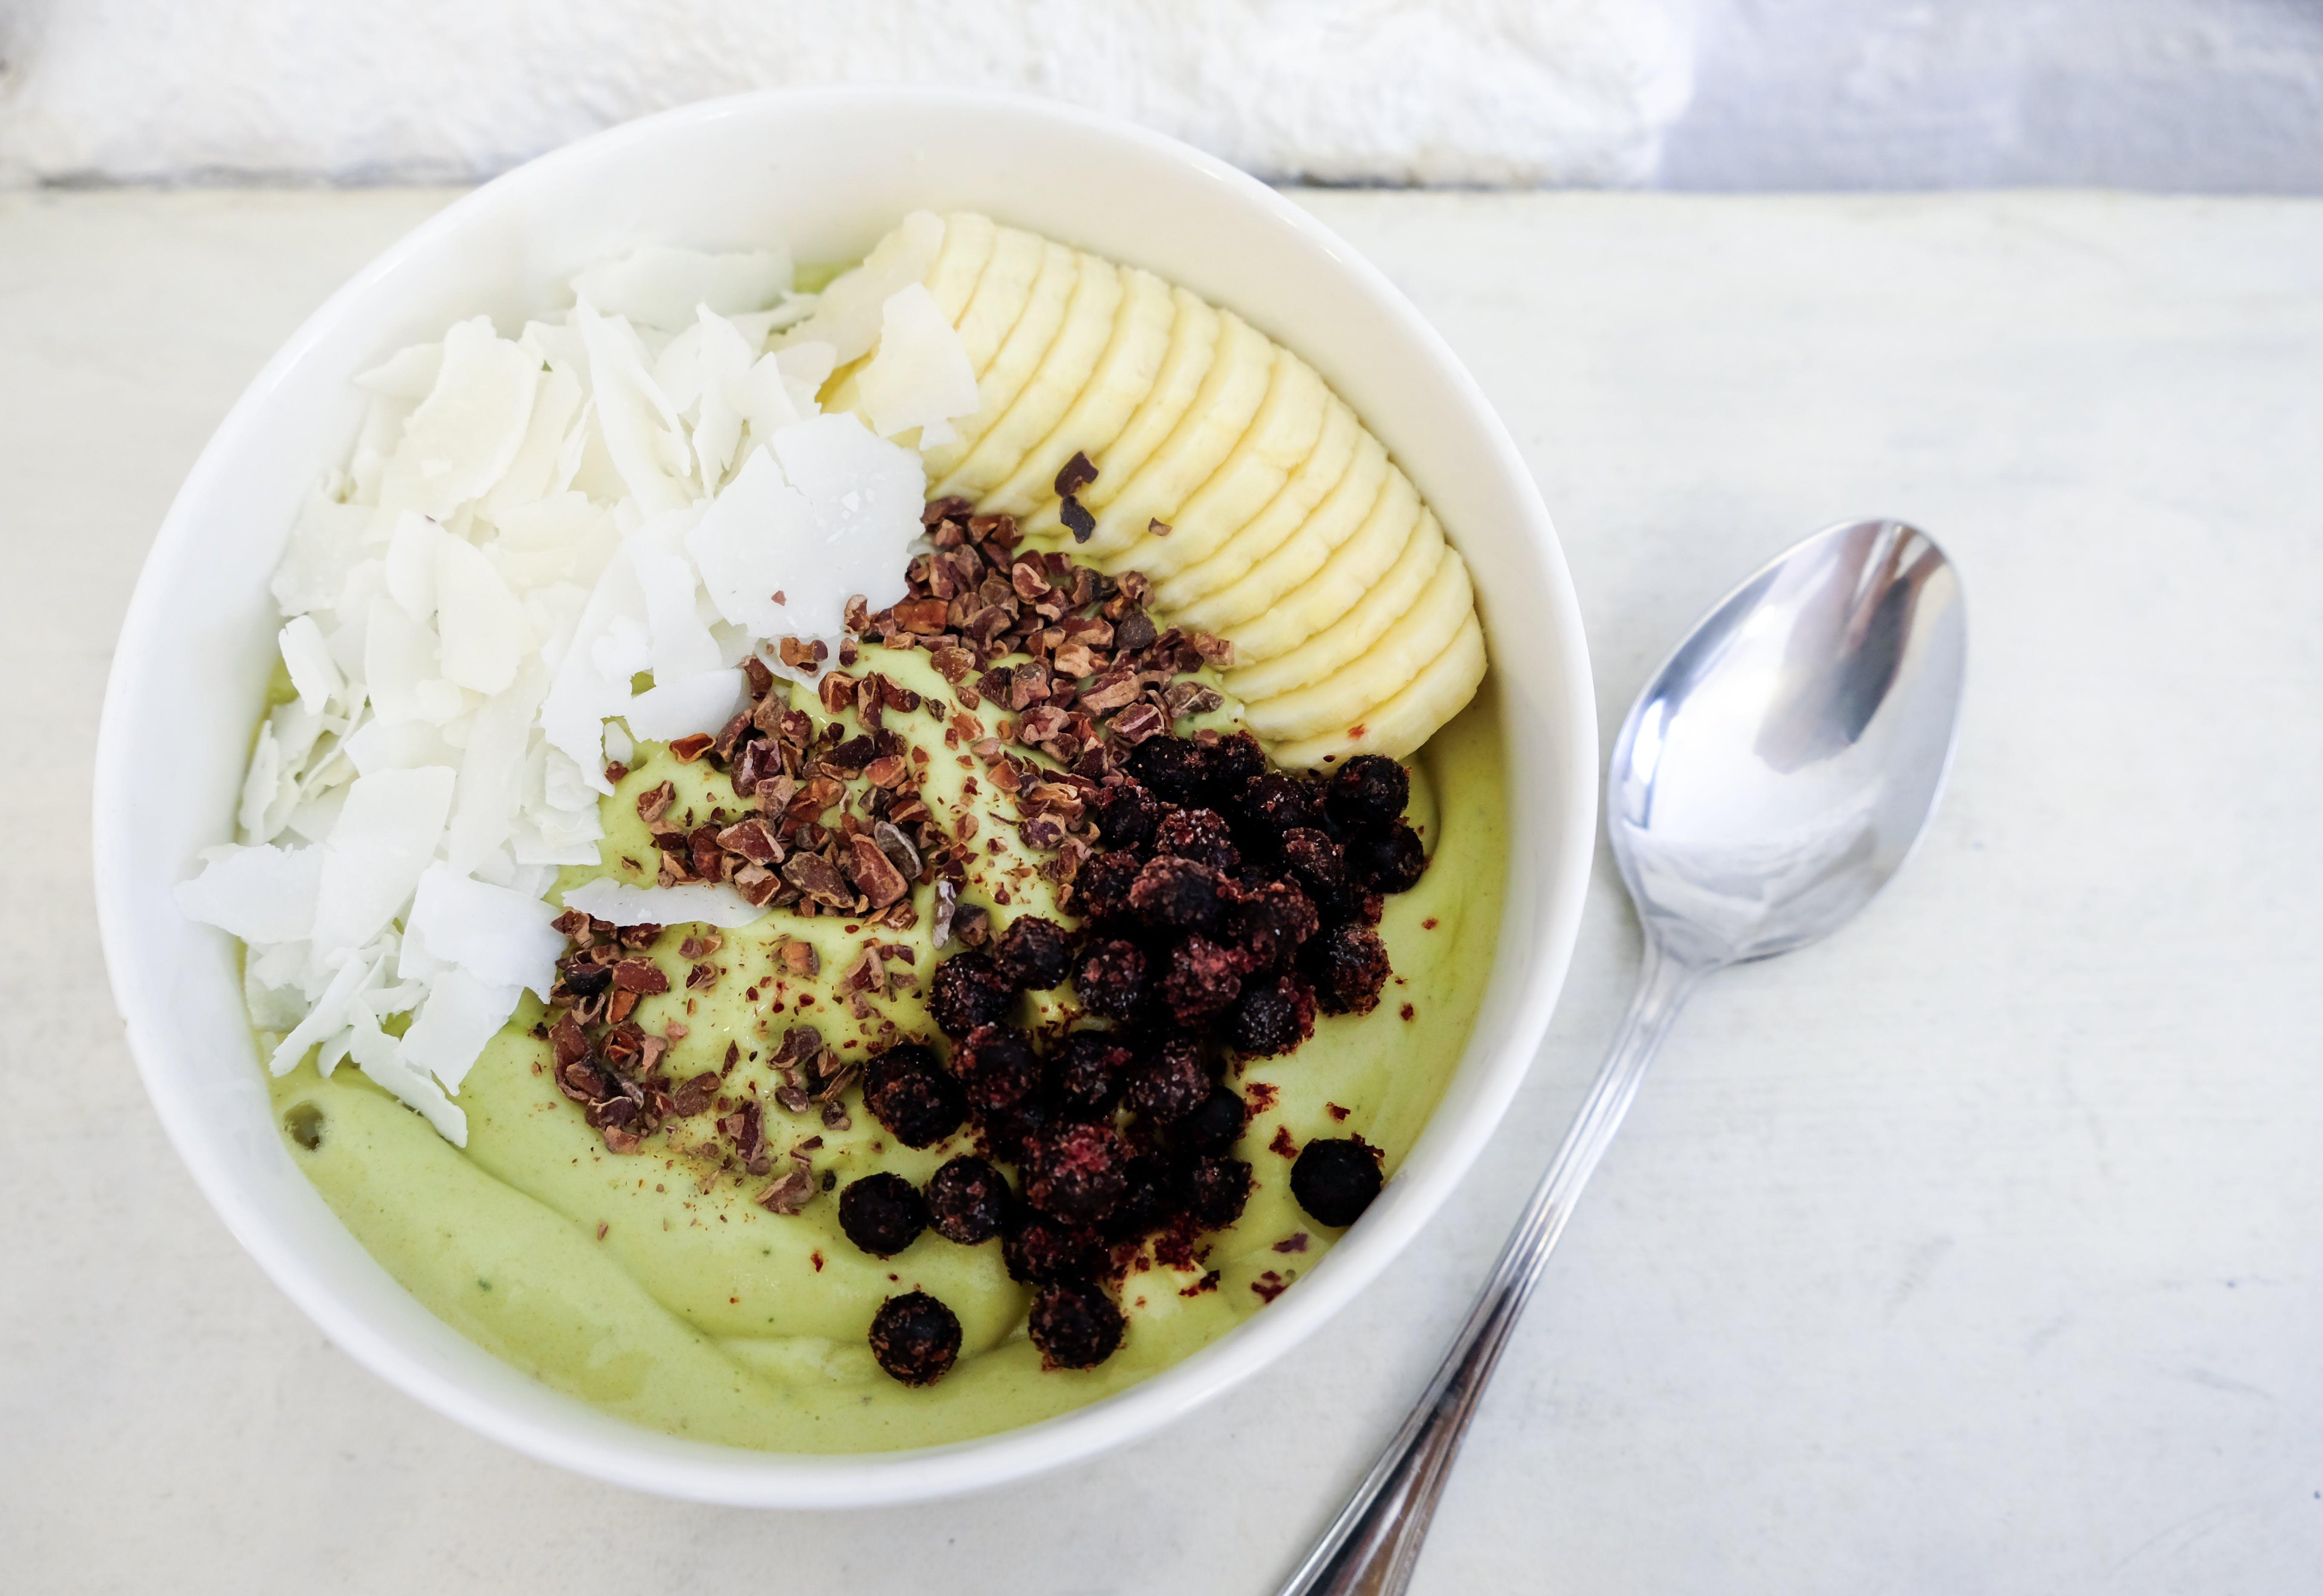 건강한, 건강한 식습관, 맛있는, 바나나의 무료 스톡 사진